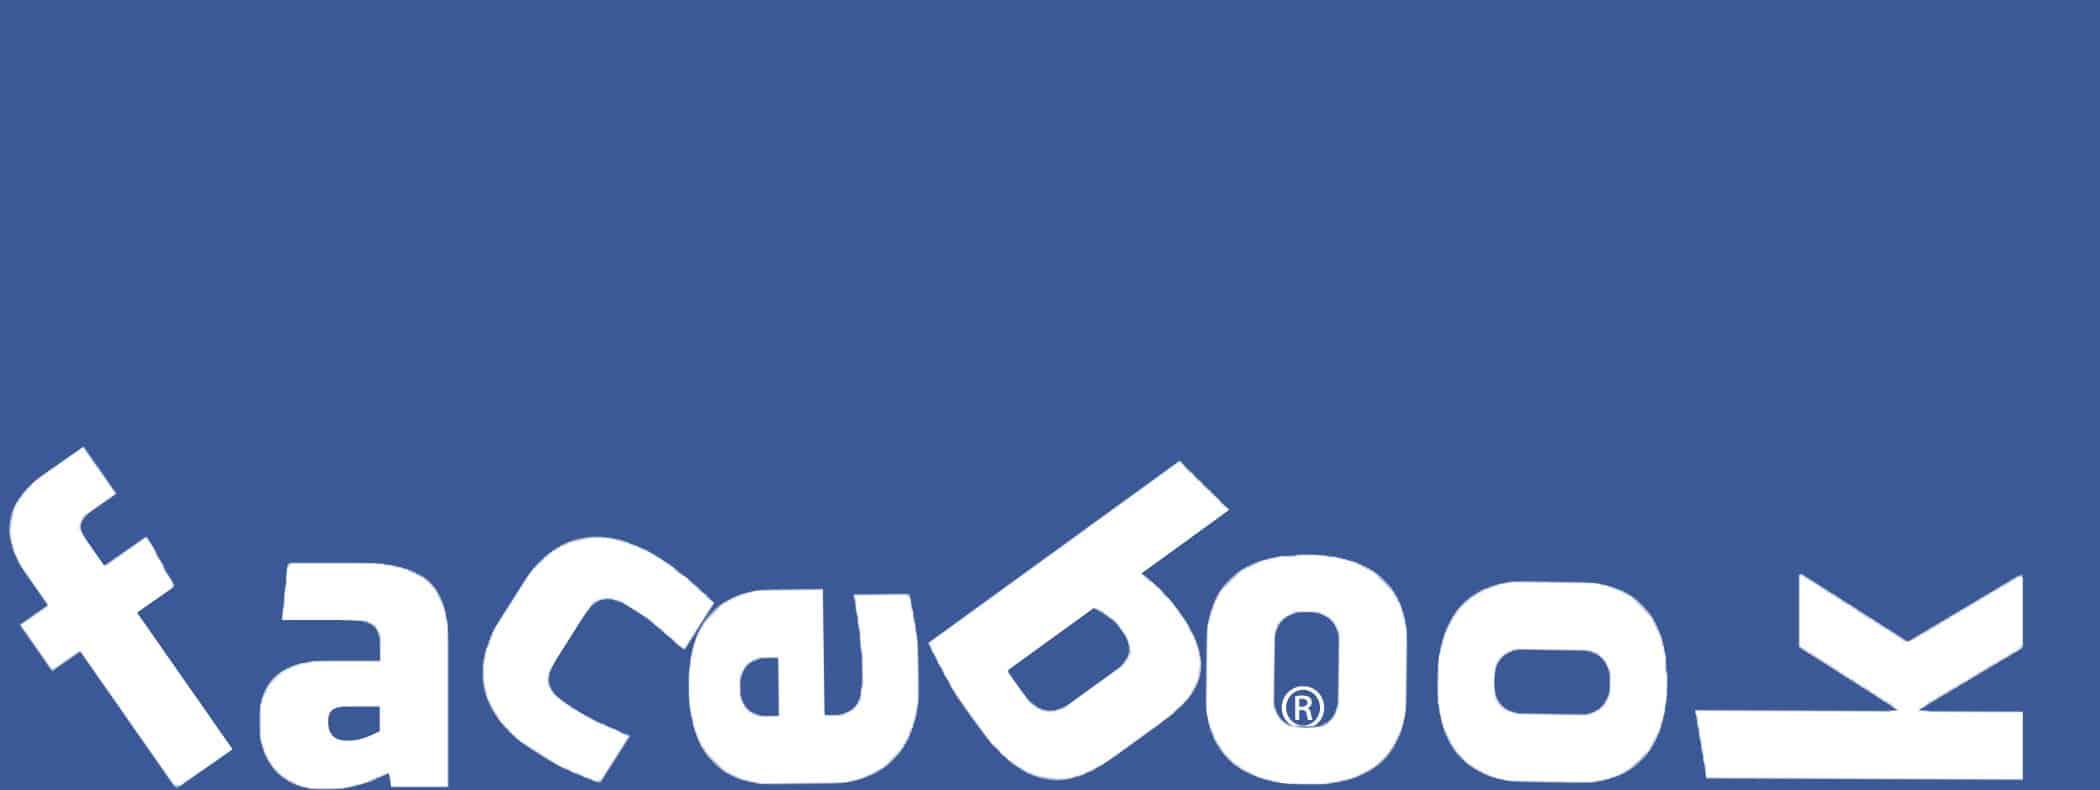 """Un """"problema de configuración"""" fue el dolor de cabeza de Facebook que quizás terminó con la de un empleado."""